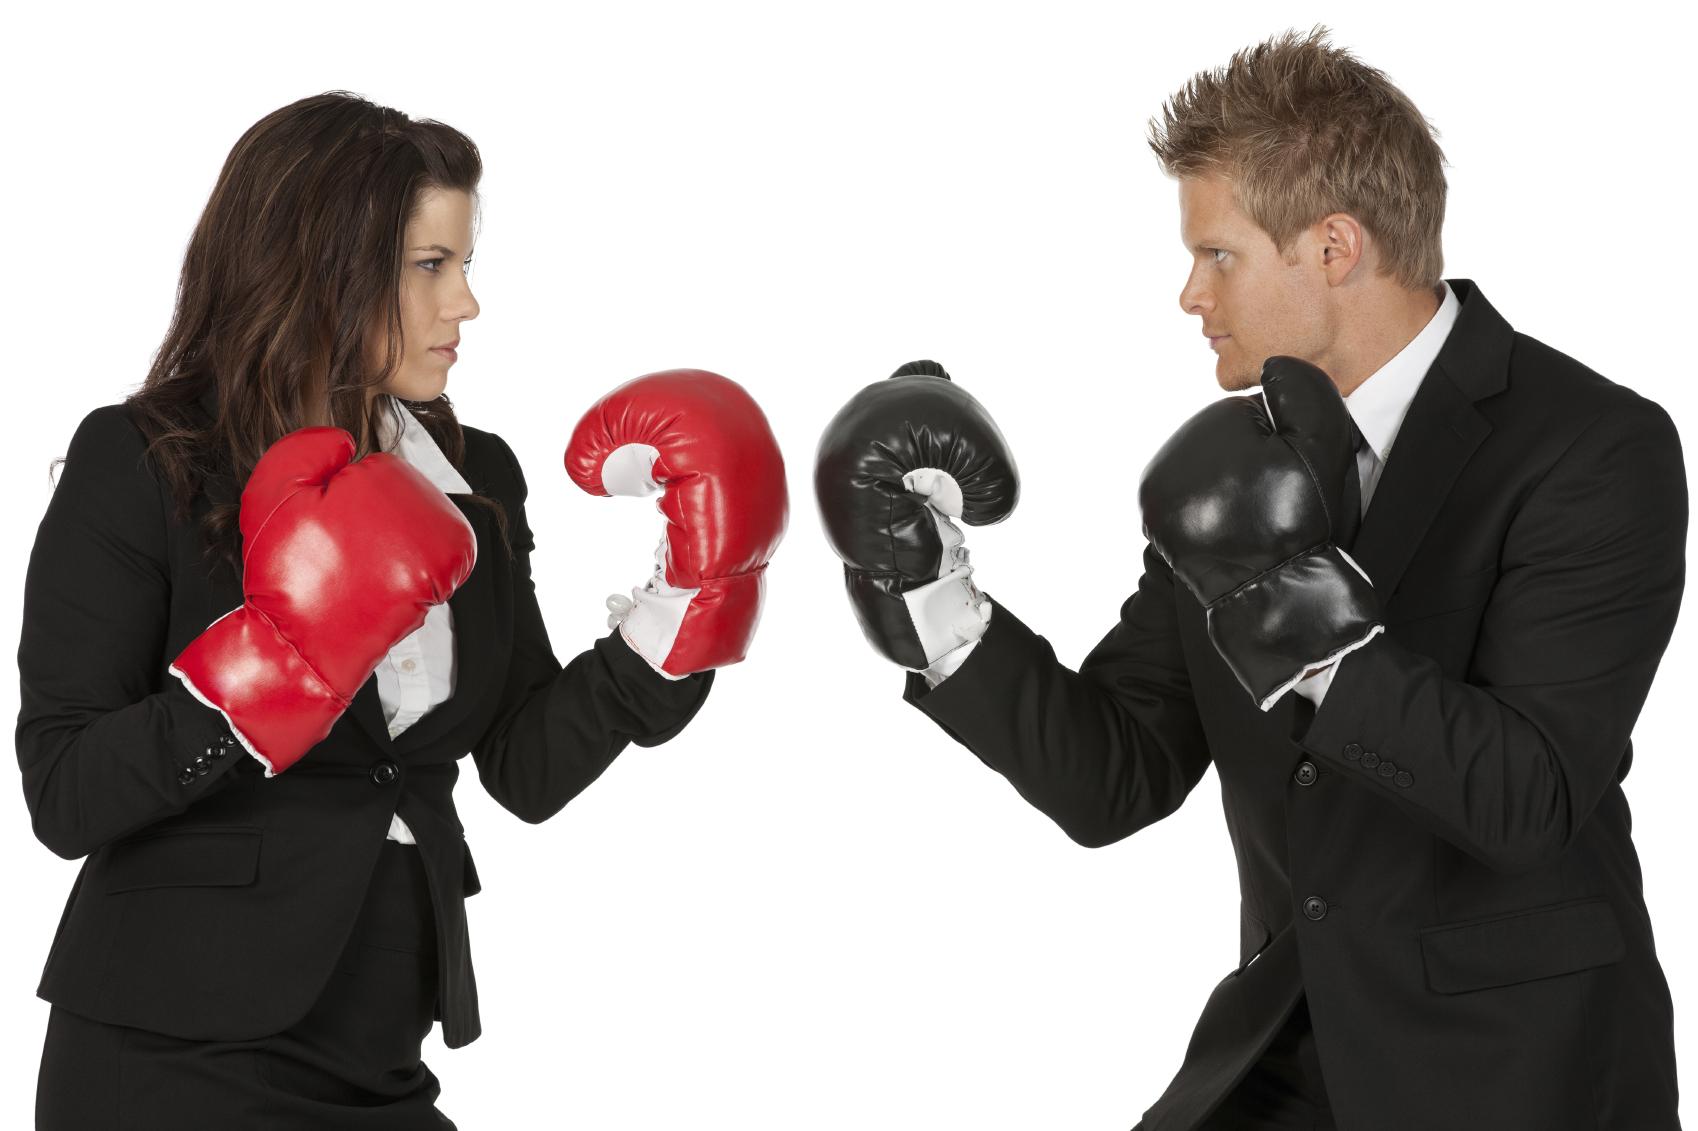 roles of women vs men